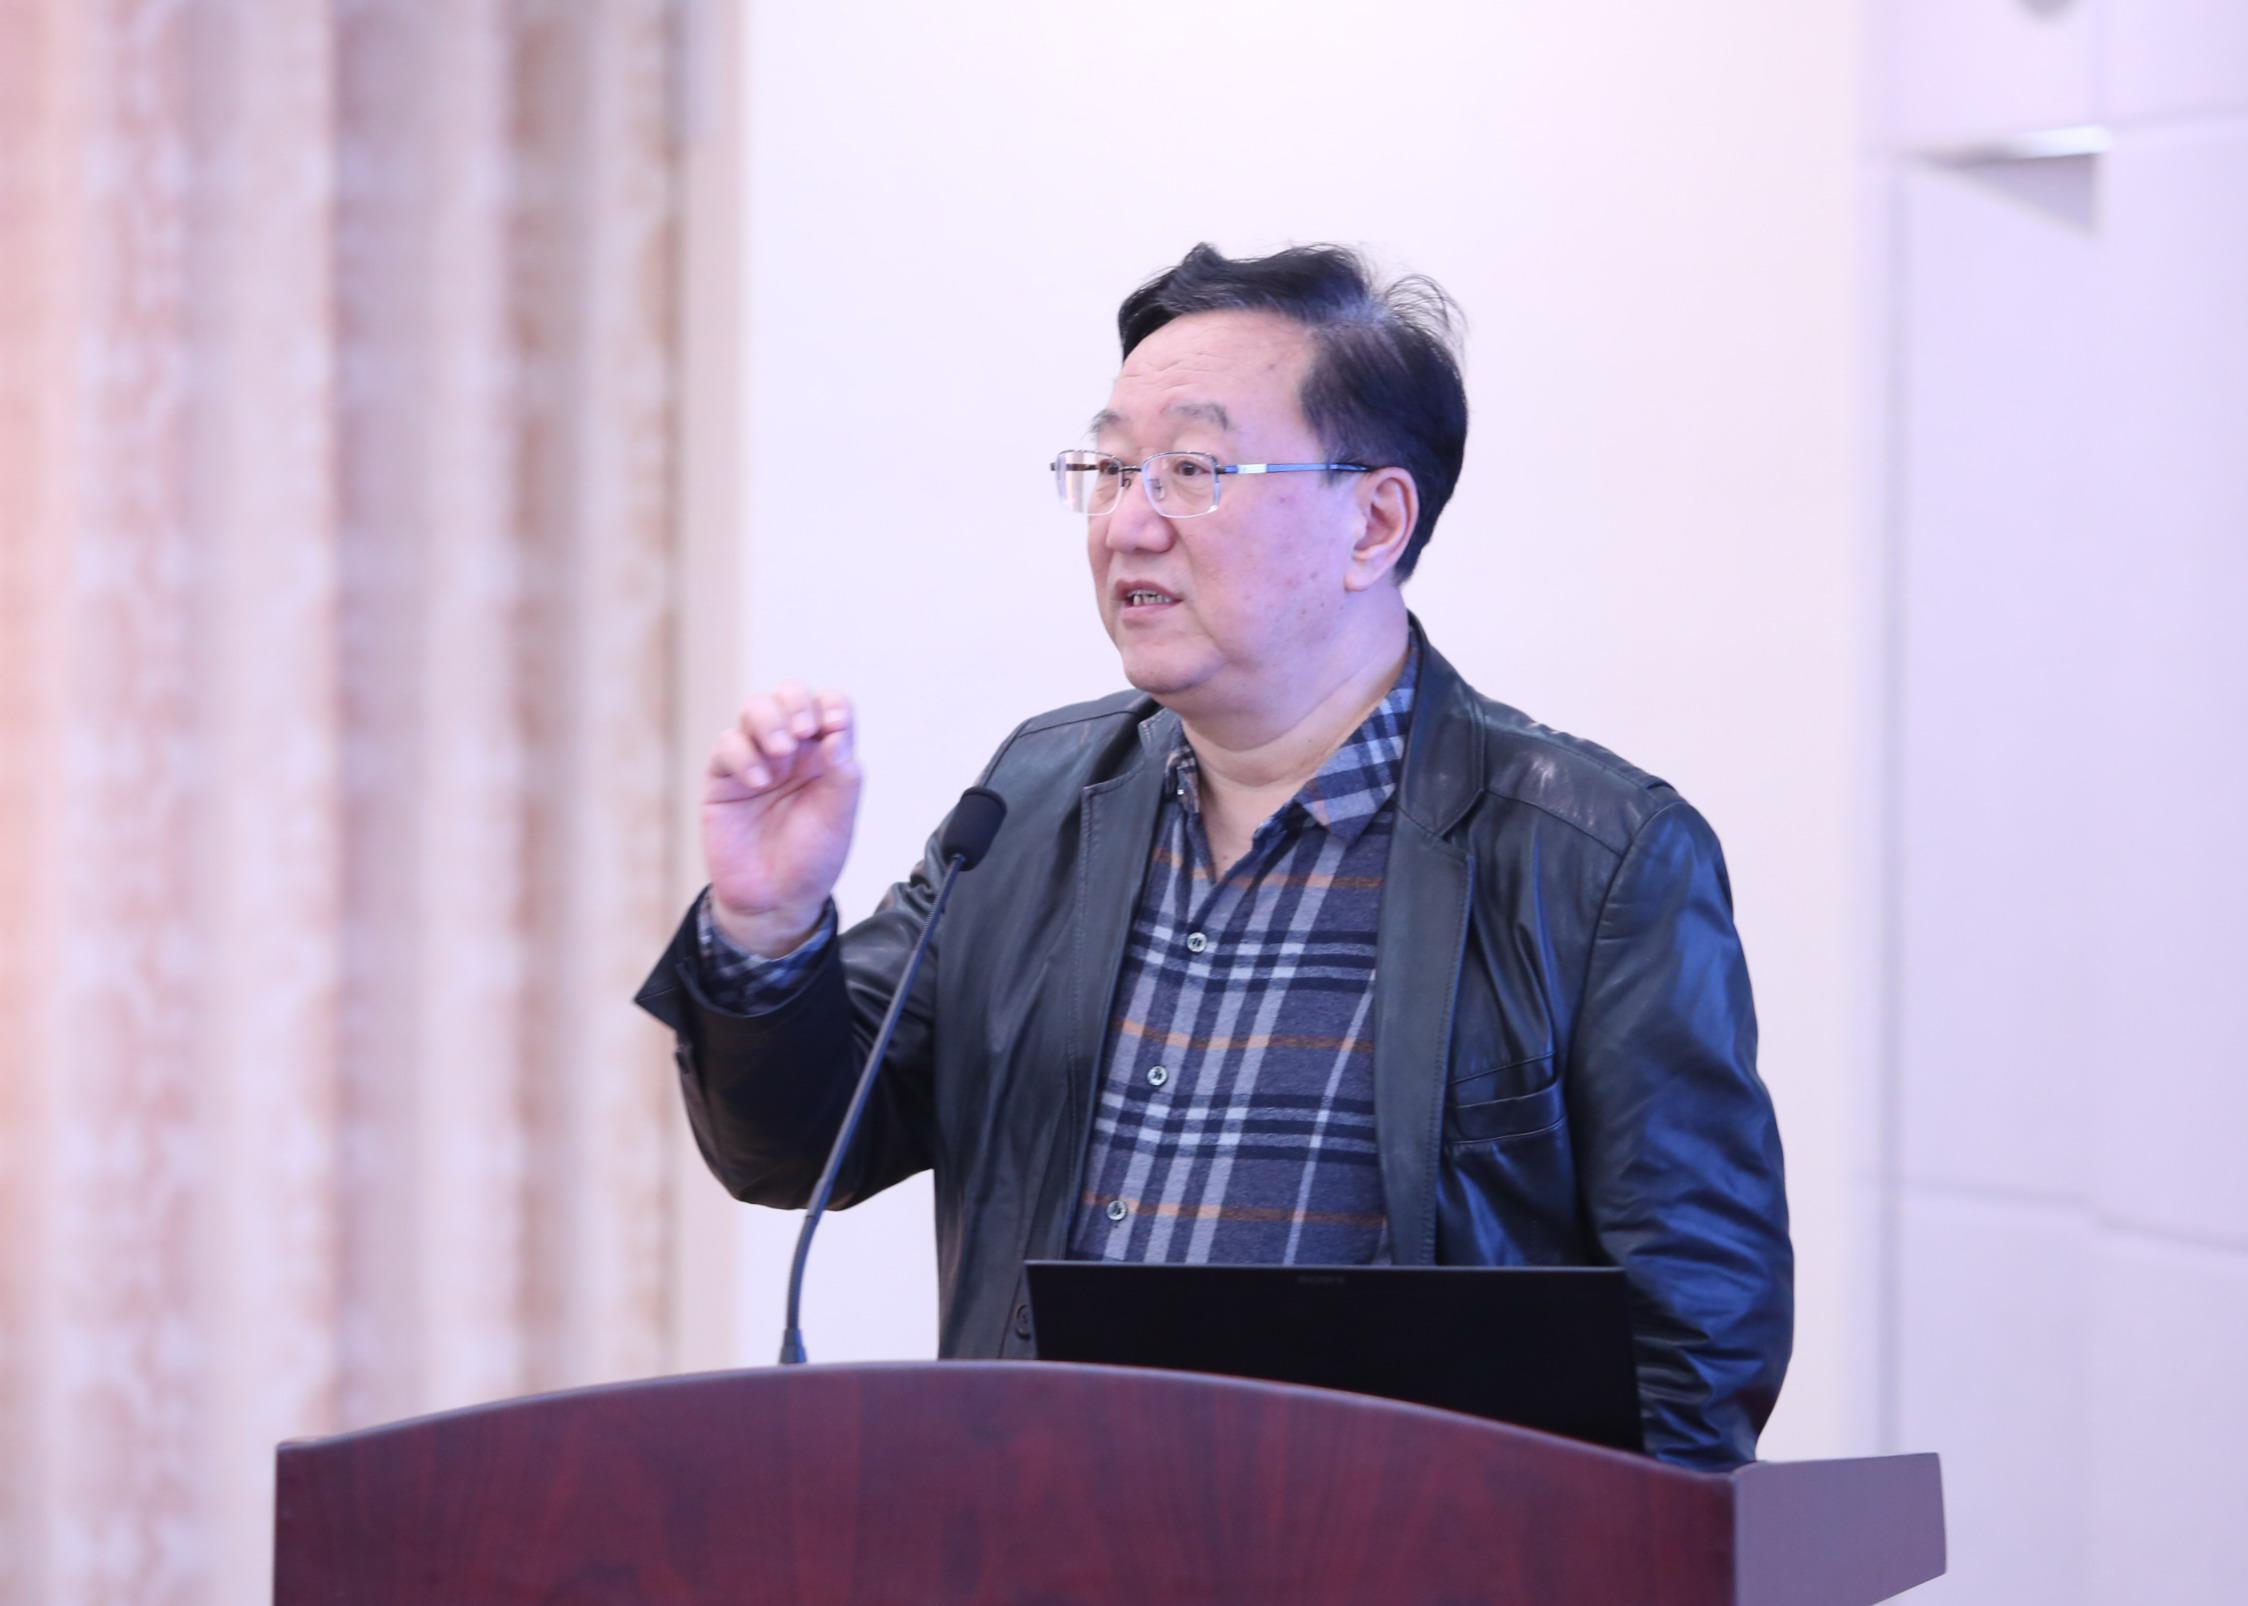 院士康乐:蝗虫是害虫代表 中国还没摆脱蝗灾阴影